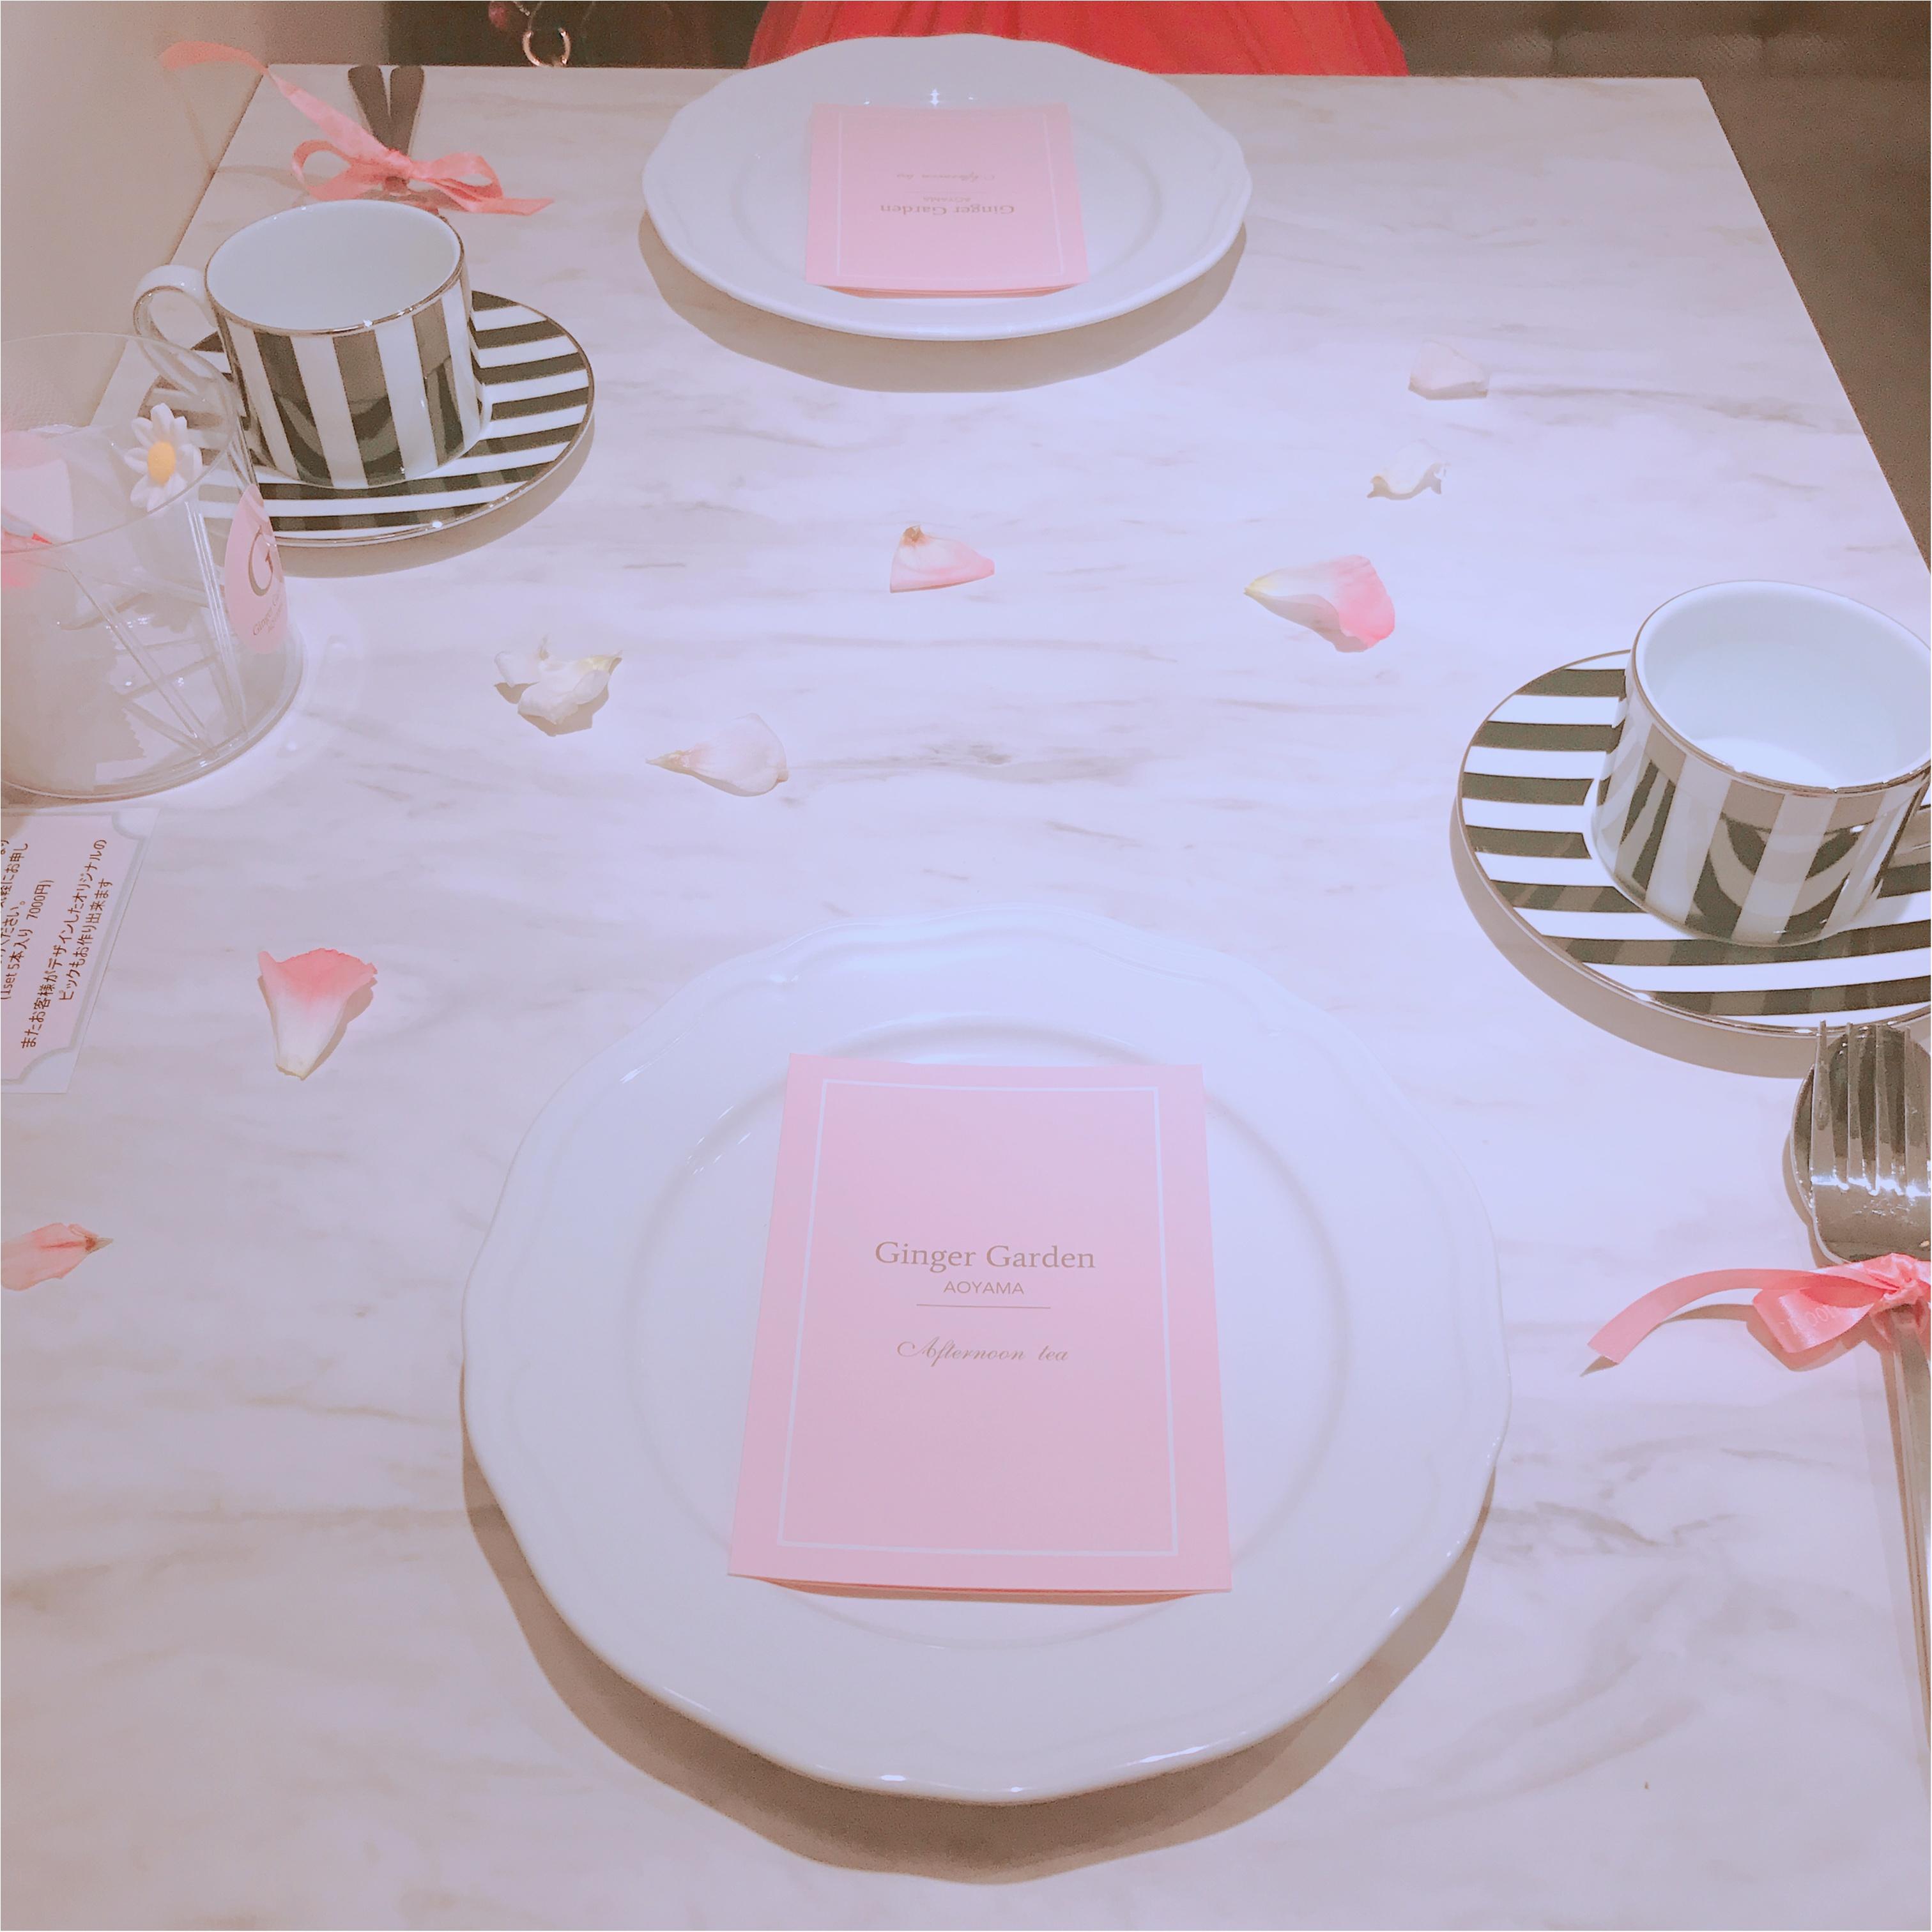 土日祝限定!完全予約制、ジンジャーガーデン青山のピンクアフタヌーンティーが可愛すぎる!_3